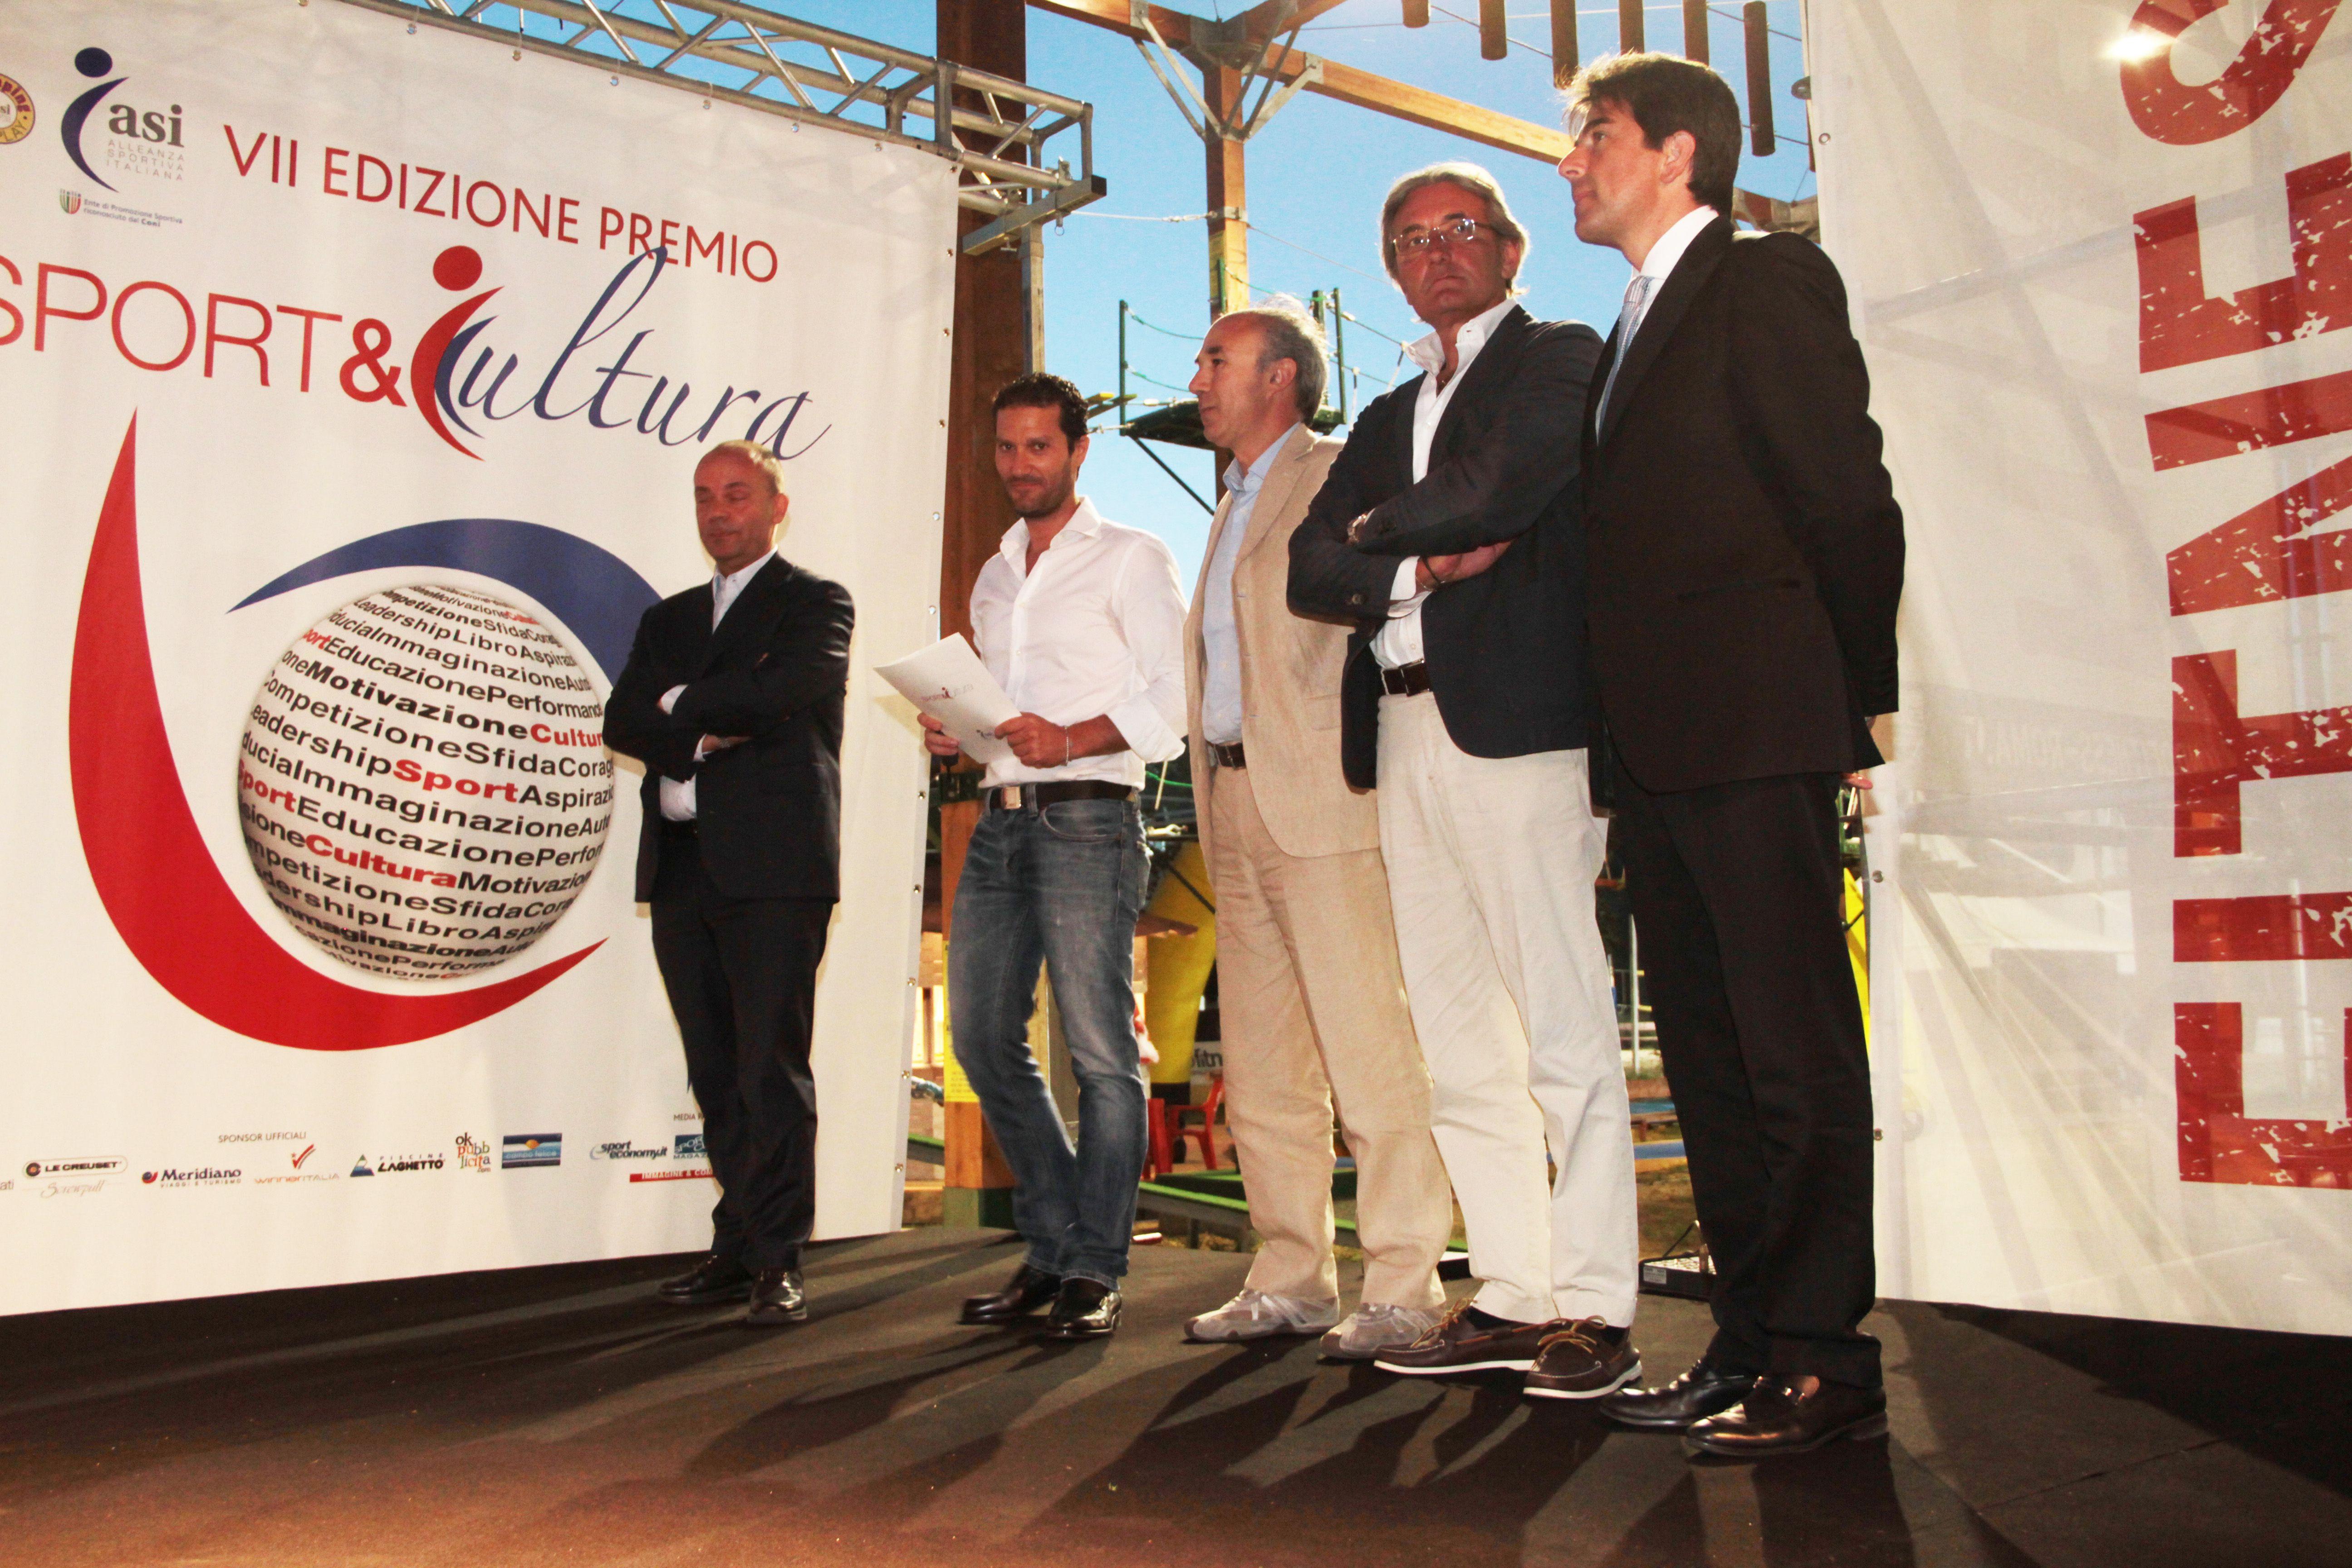 Finalisti del Premio Sport 2012